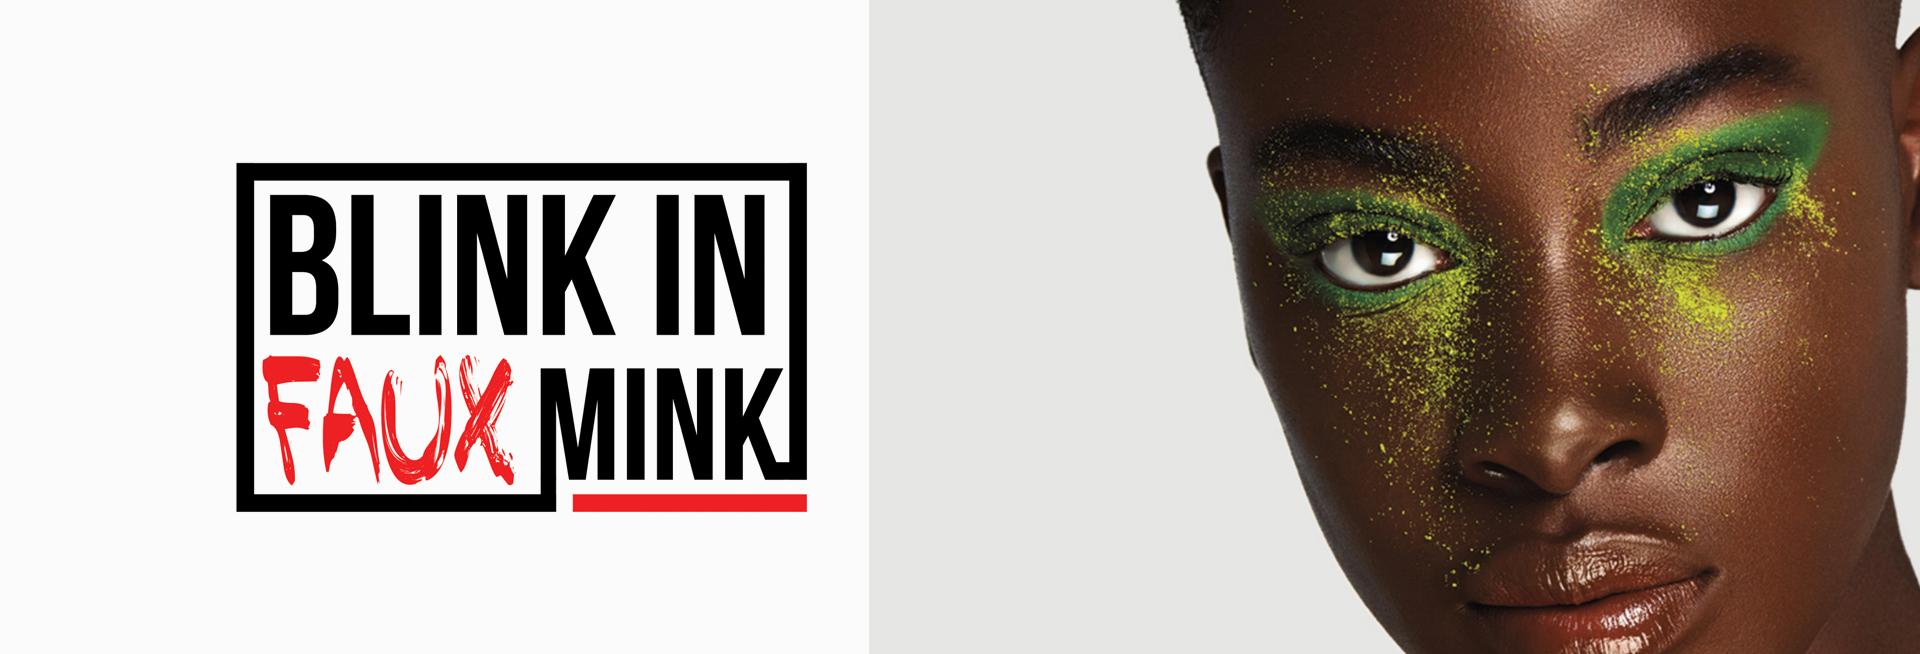 Blink IN faux Mink